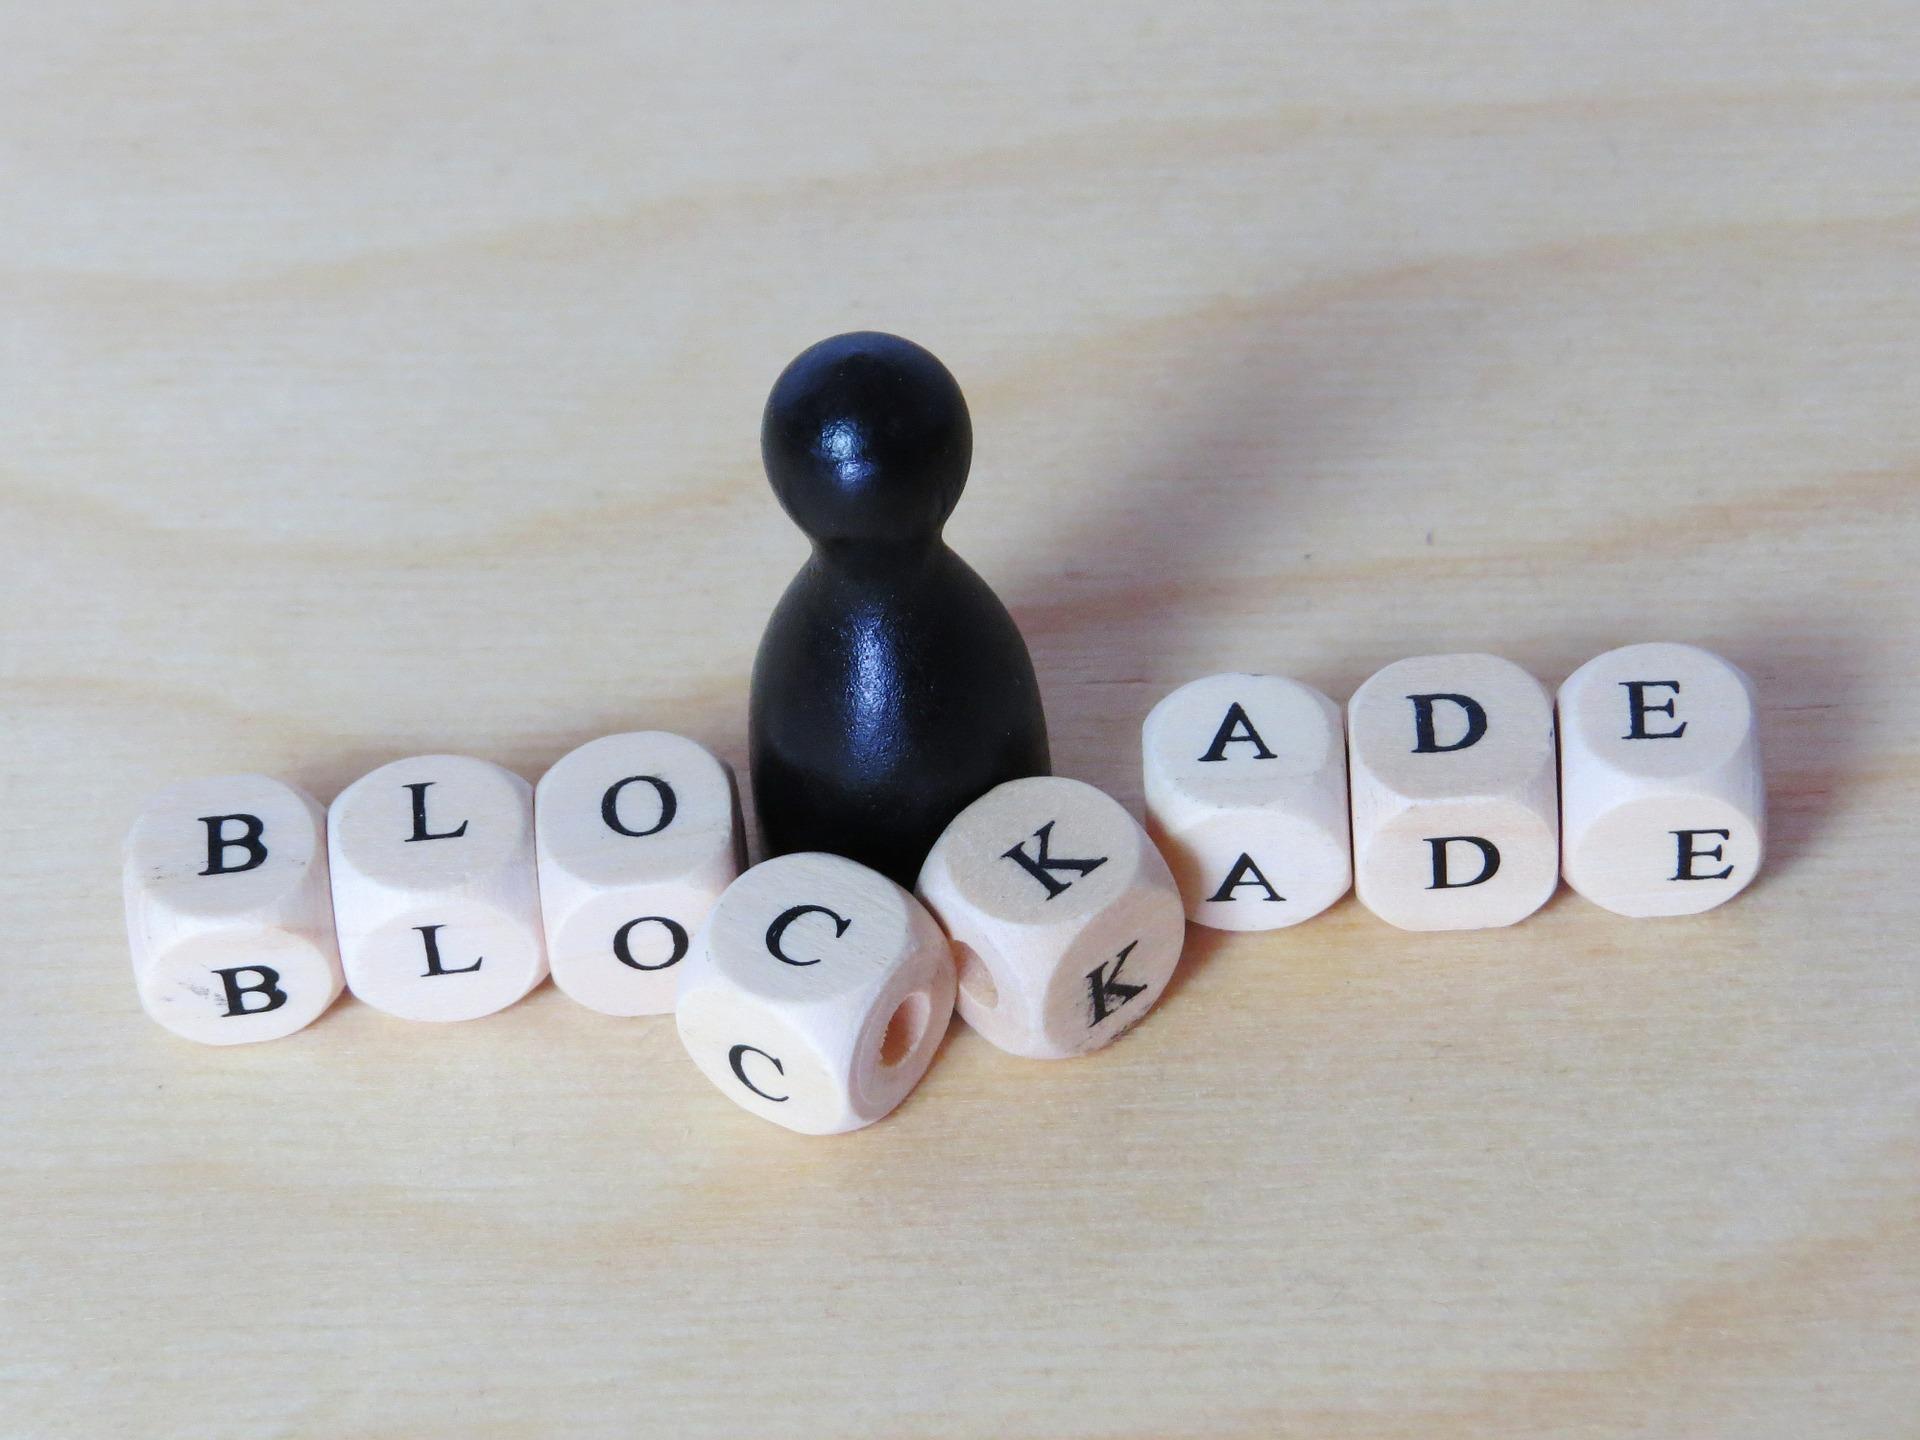 Ein Bild zeigt ein schwarzes kegelmännchen vor den Buchstaben B-L-O-C-K-A-D-E